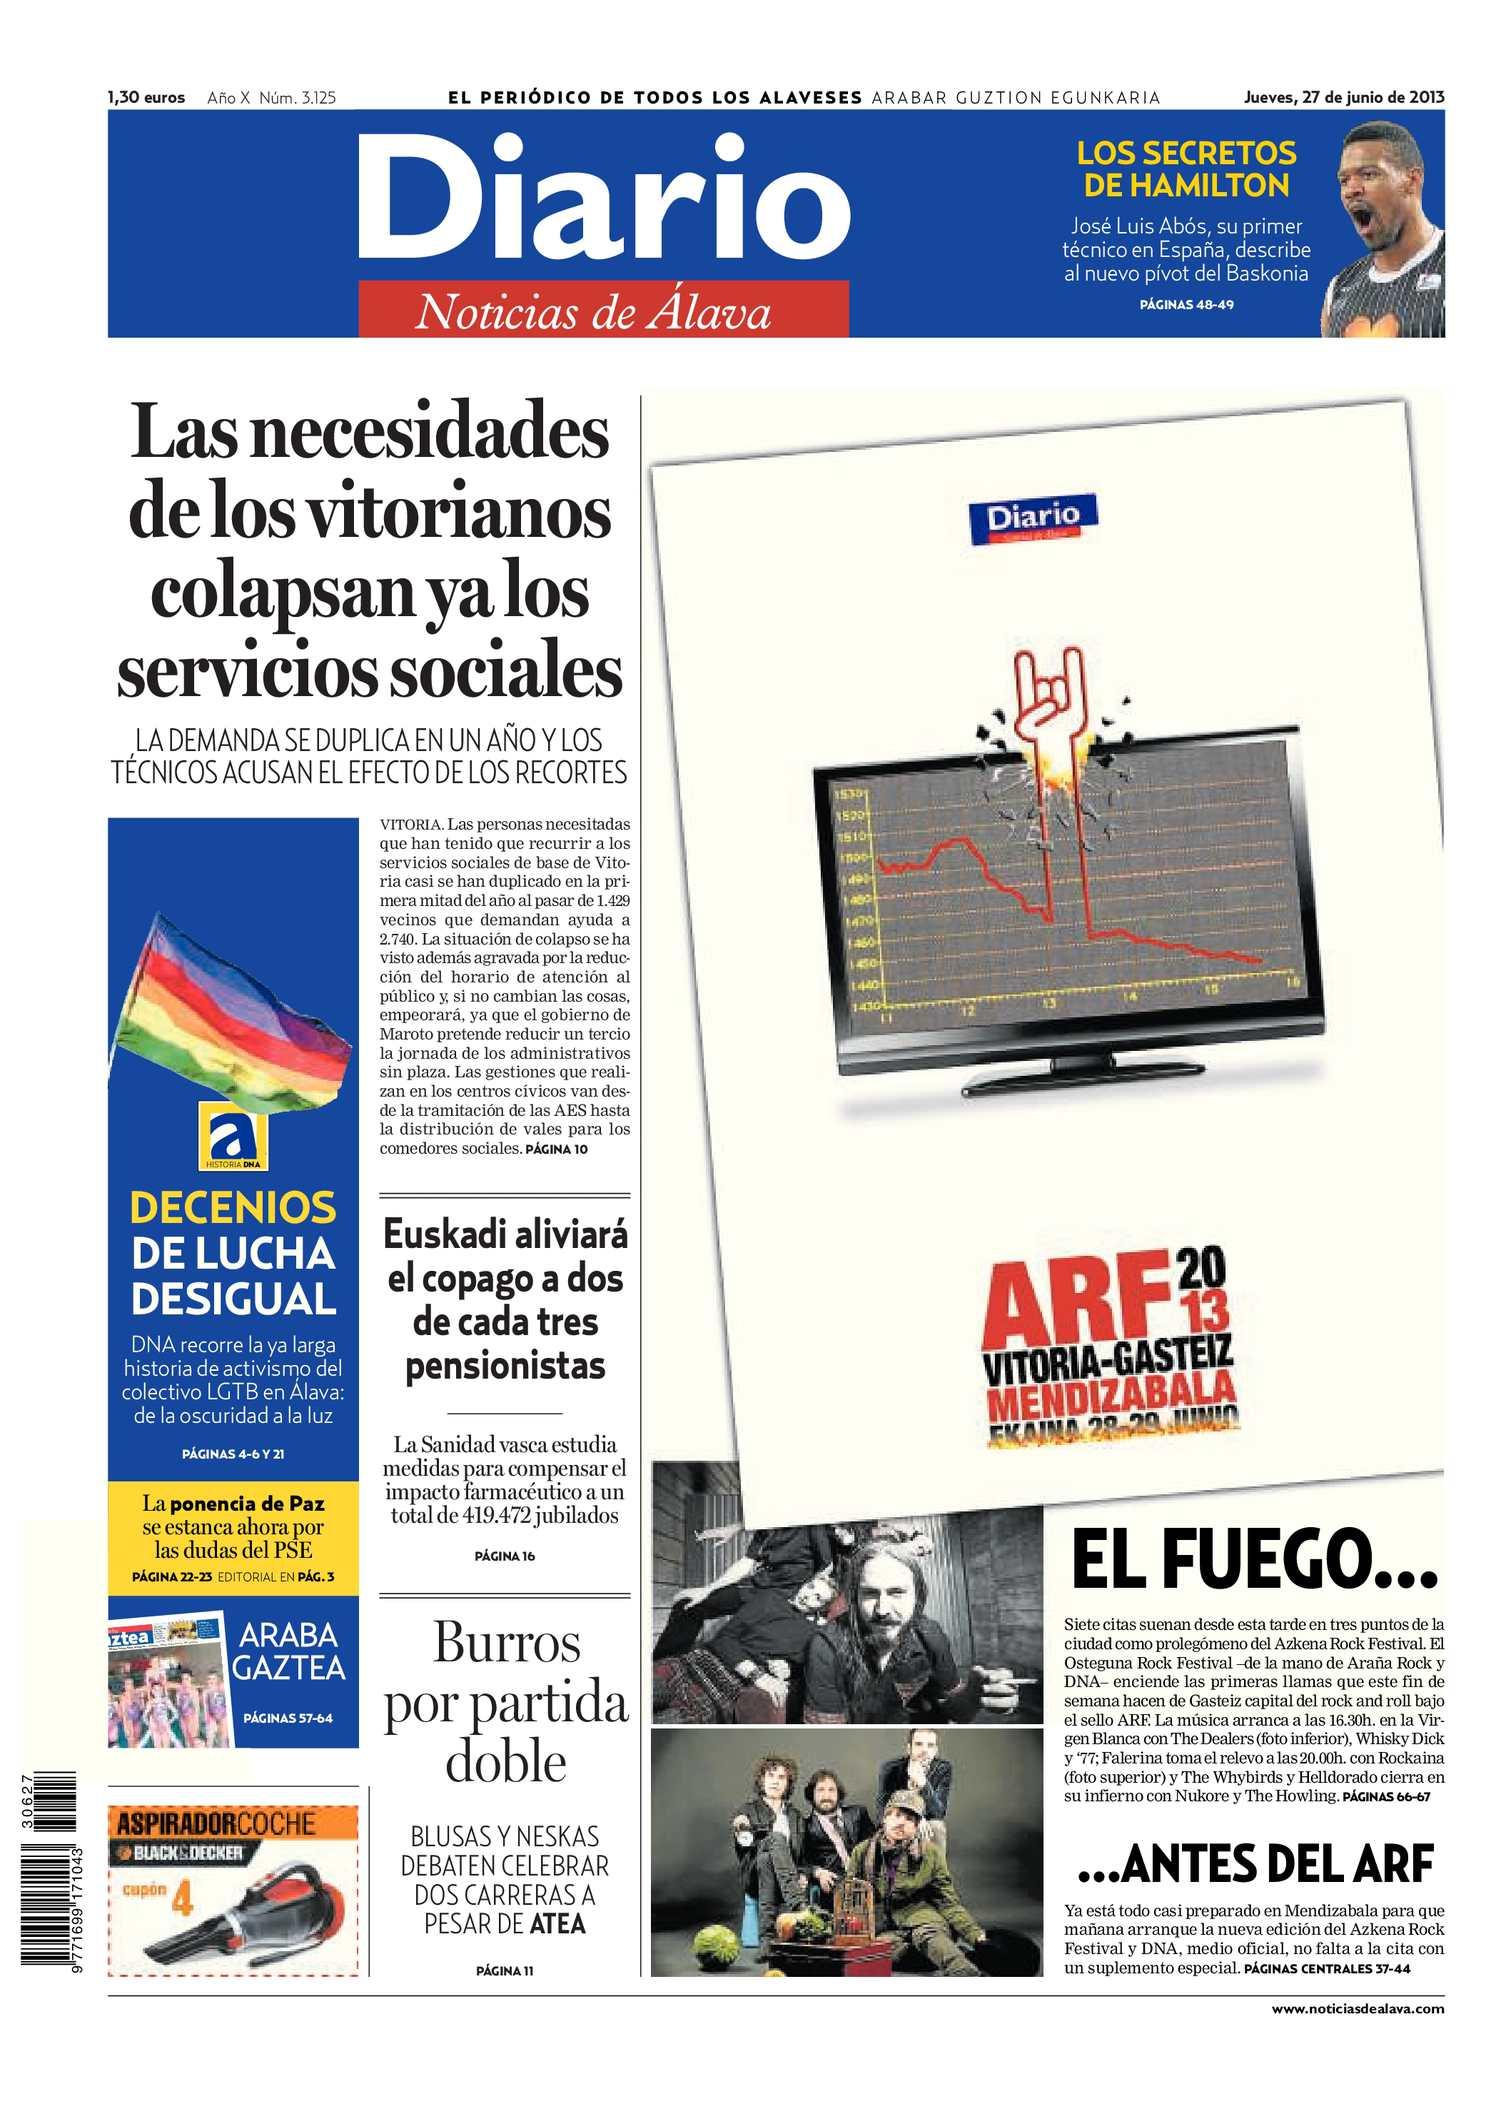 Calaméo - Diario de Noticias de Álava 20130627 5f2bfdfa14388